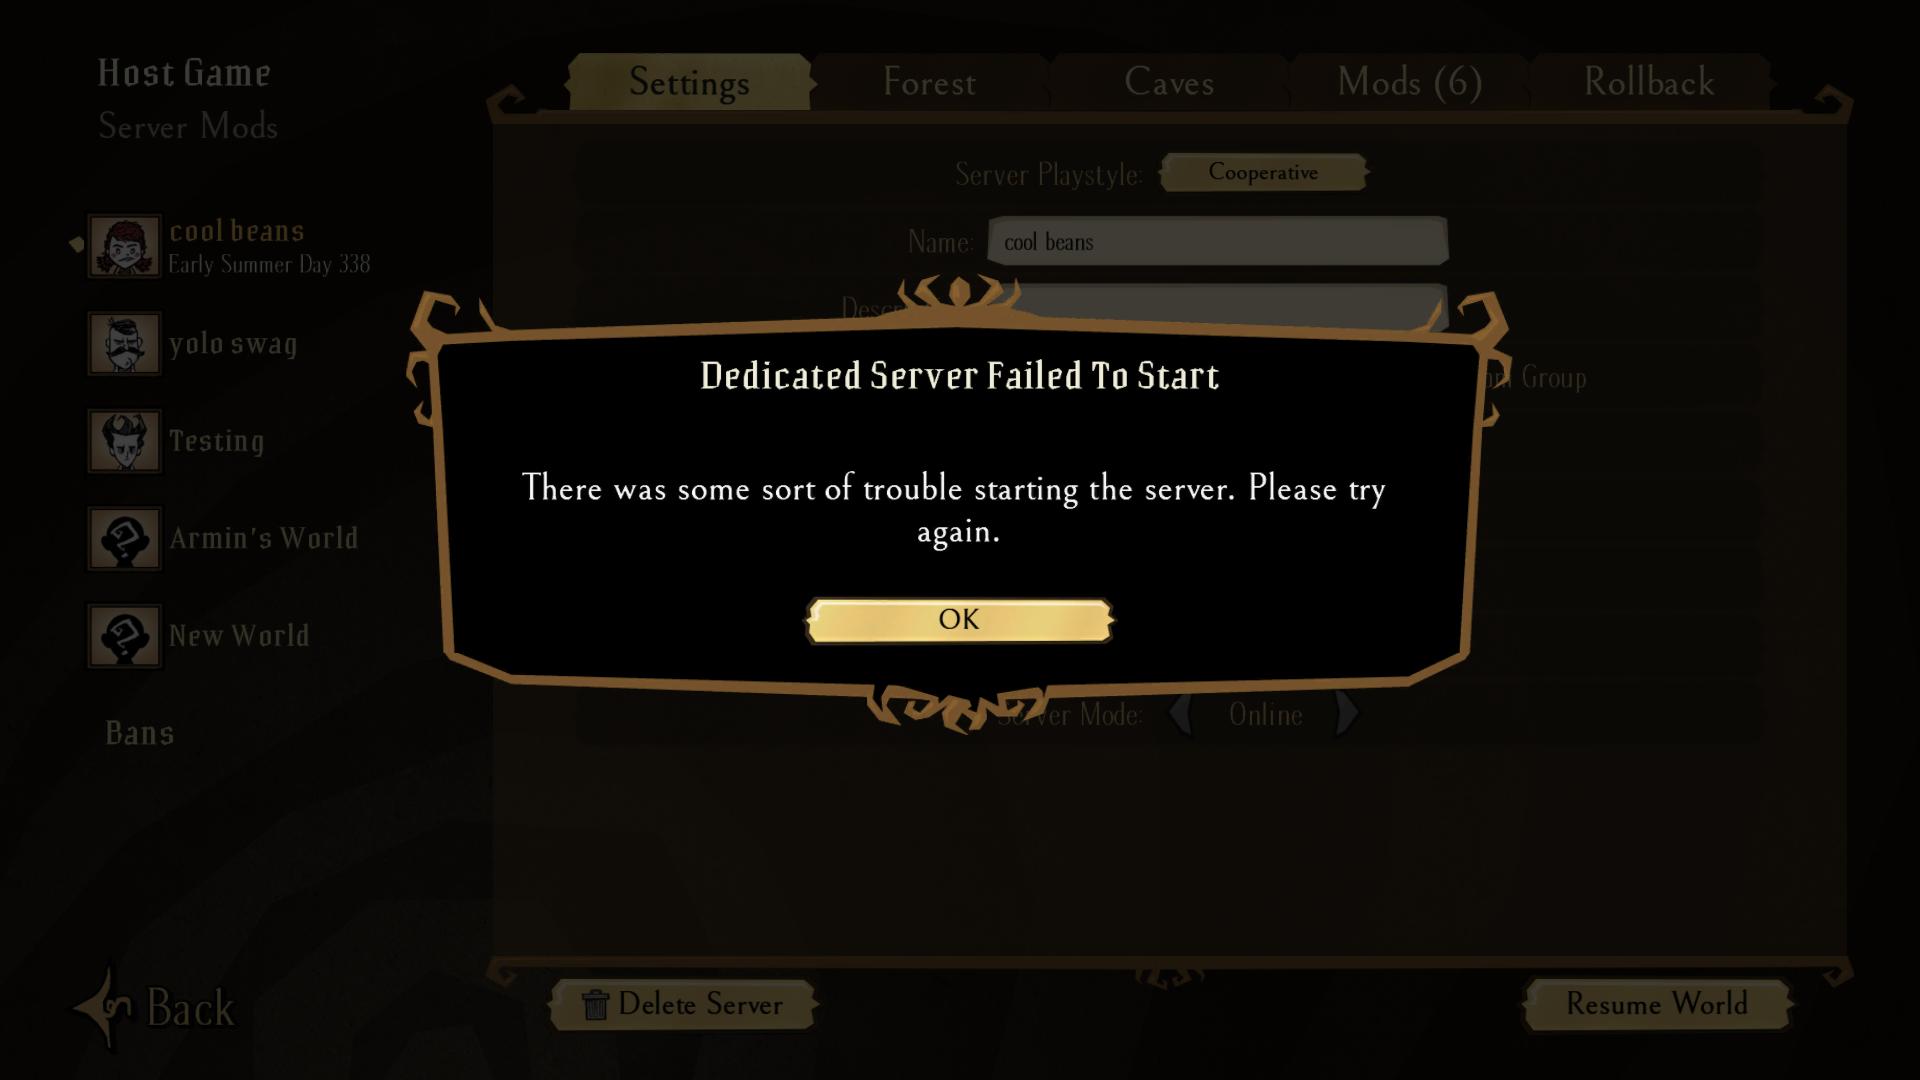 как сделать свой сервер для хостинга